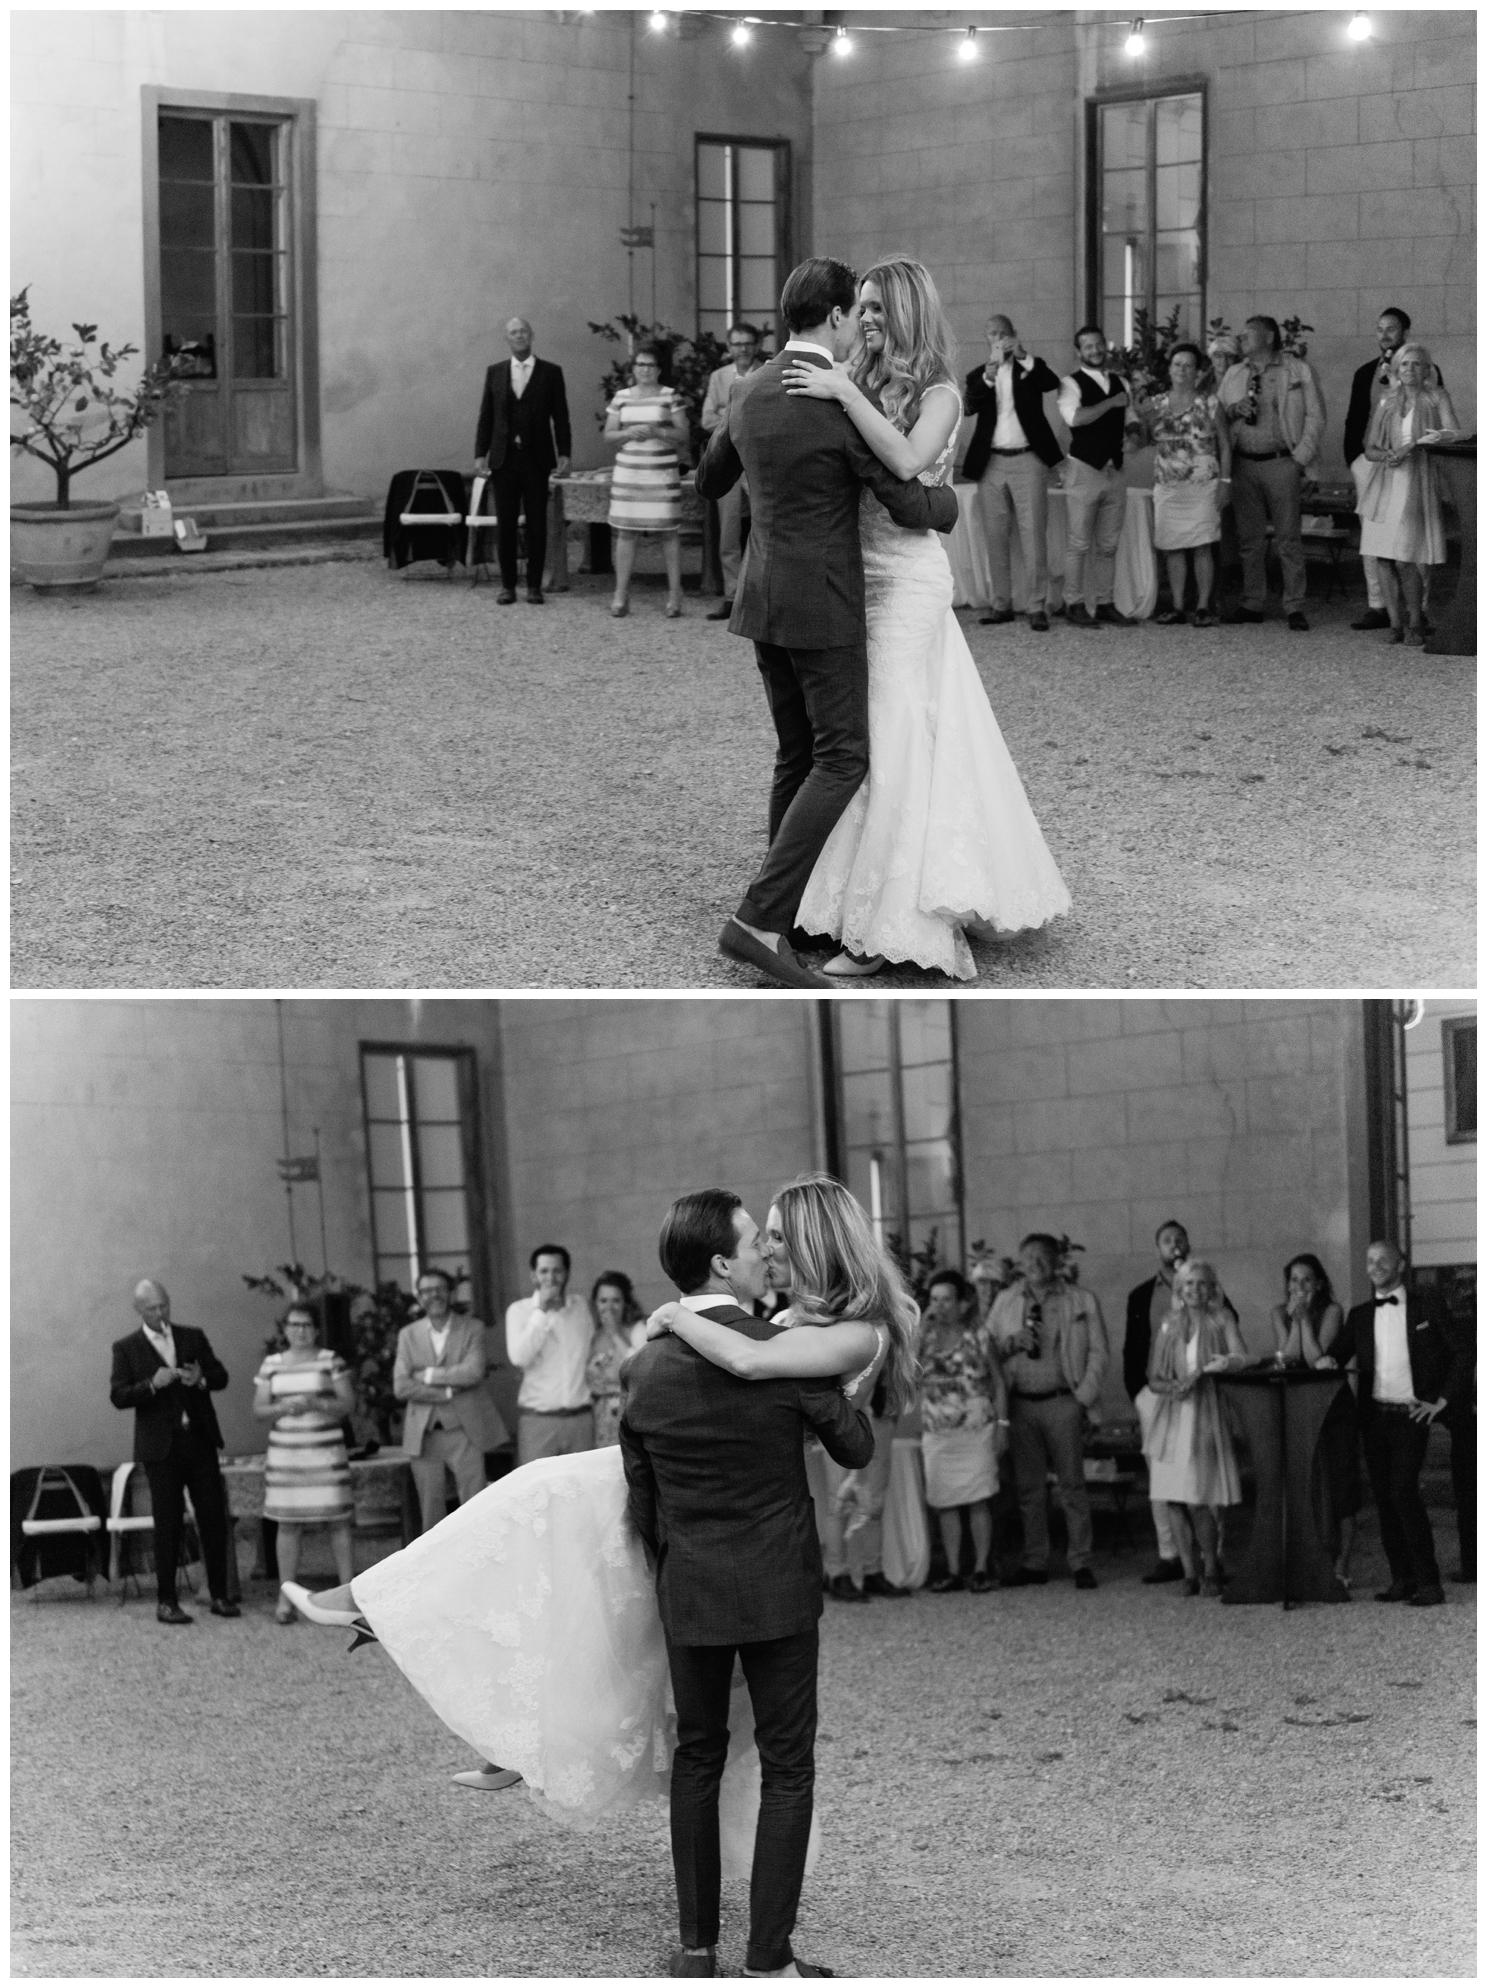 Wedding_Photographer_Tuscany_Florence_Italy_68.jpg